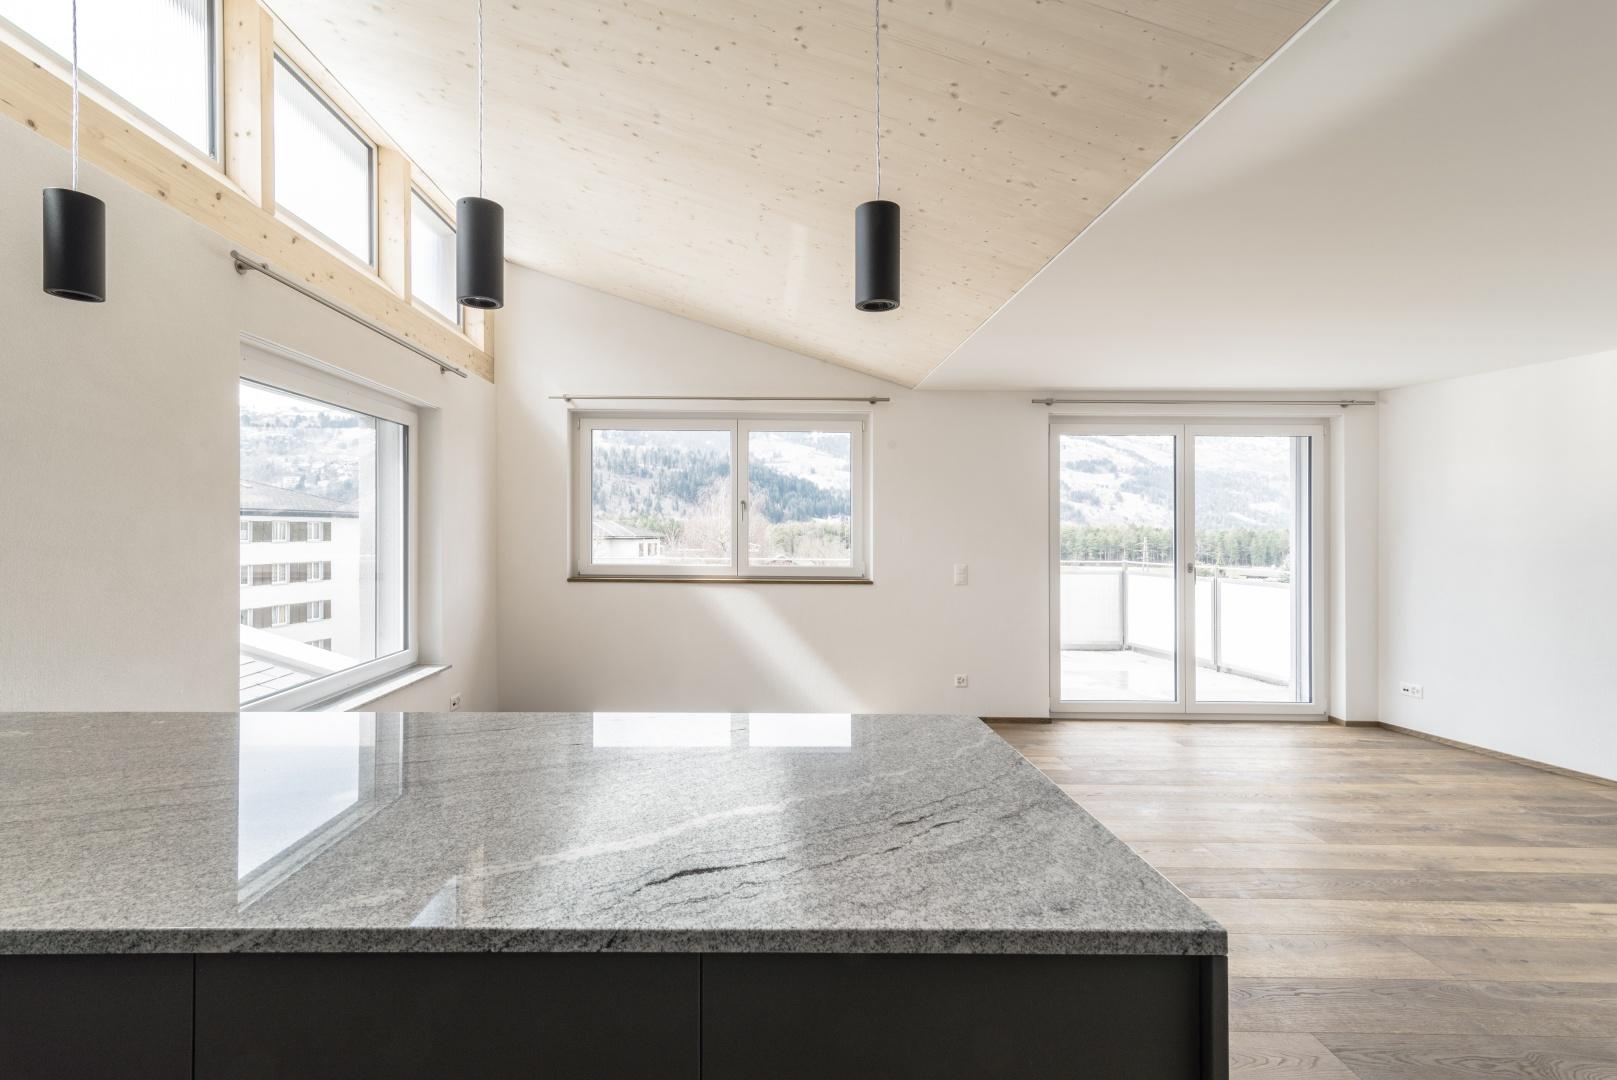 Wohnzimmer mit Küche 2.OG © Aurel Martin